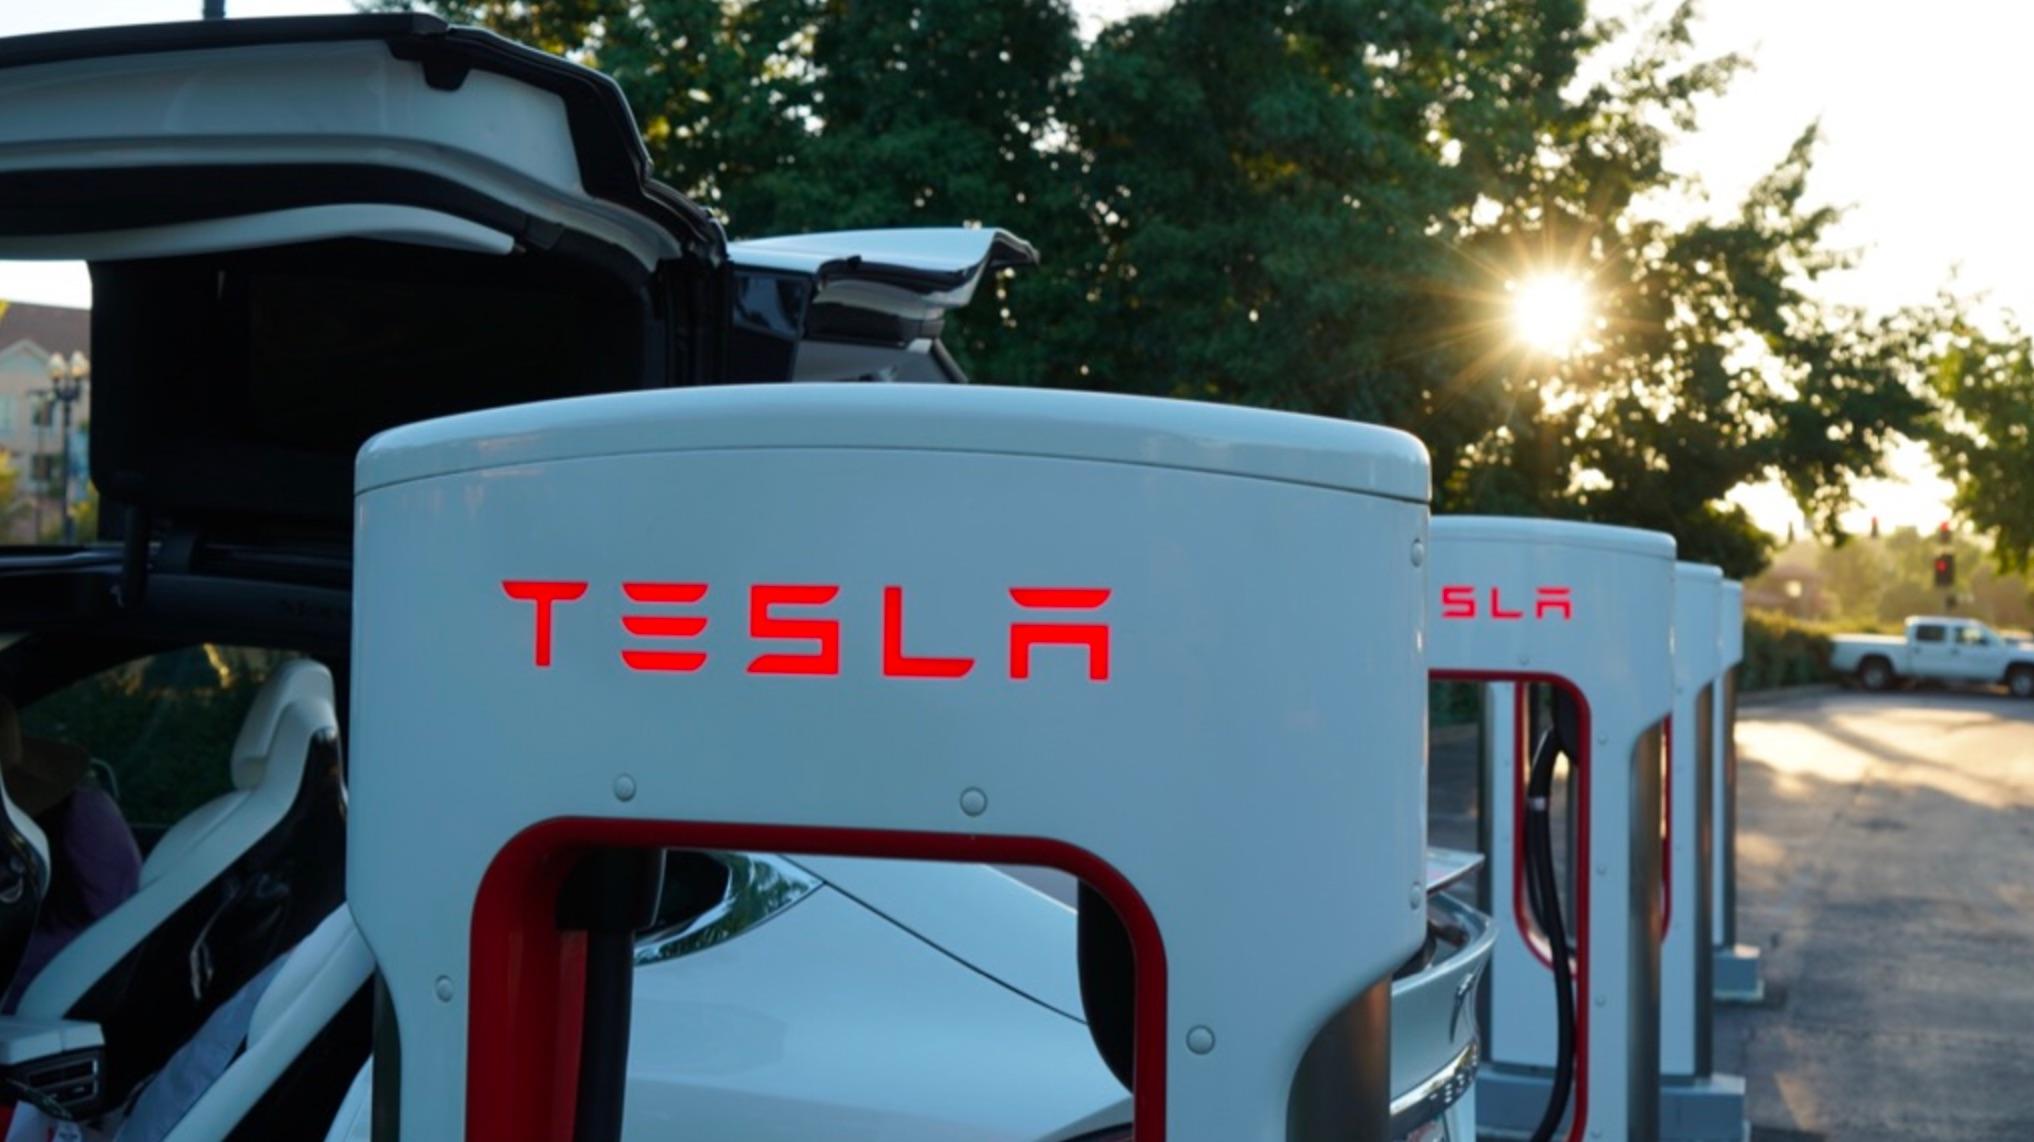 Шорты Tesla (TSLA) делают ставку в 20 миллиардов долларов против акций автопроизводителя